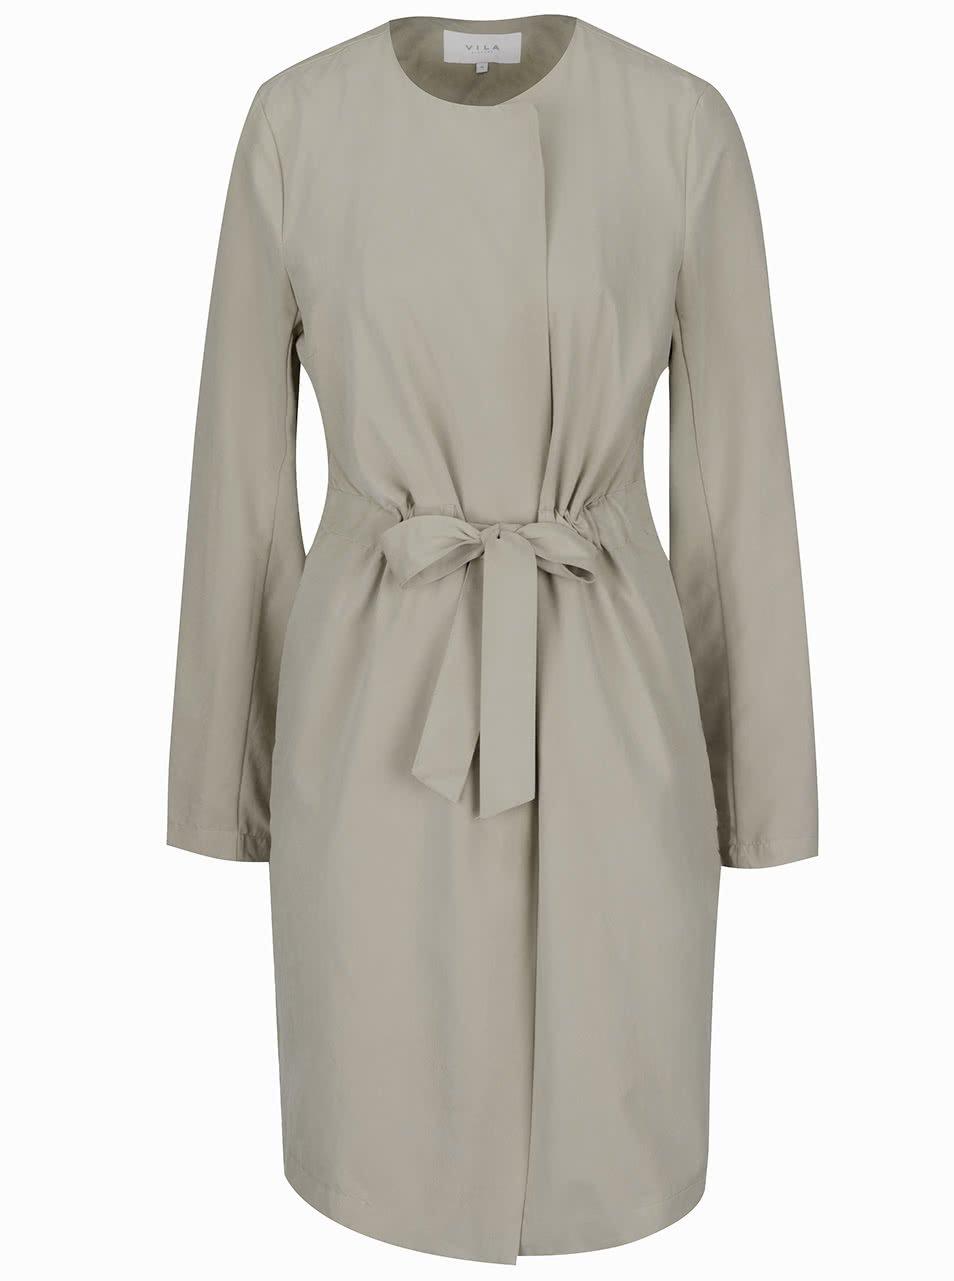 Béžový lehký kabát se stahováním v pase VILA Wonderfull